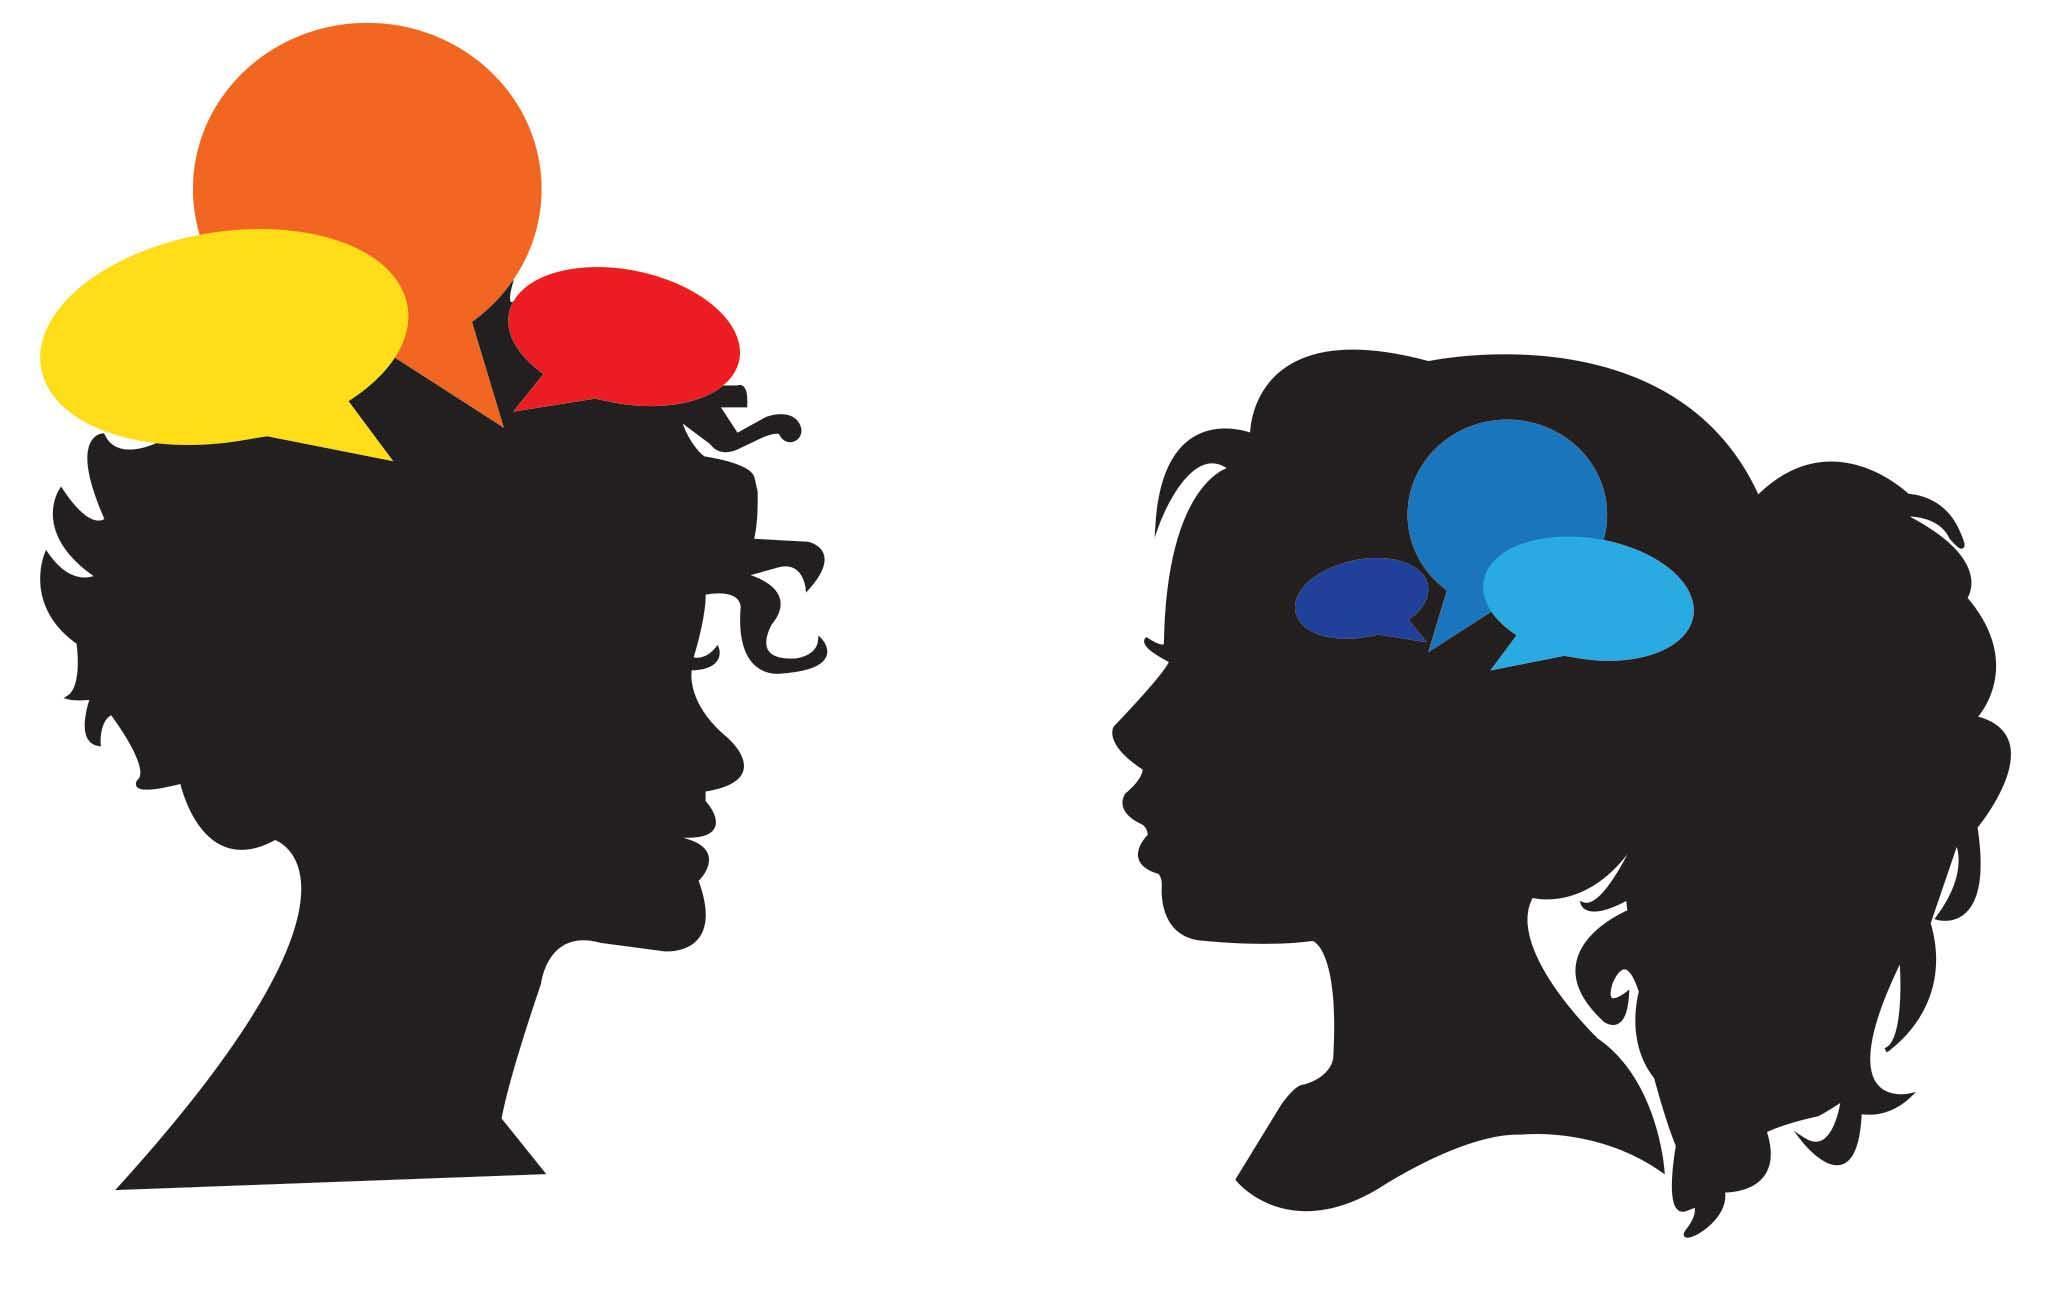 Психическая энергия экстравертов направлена вне себя, в сторону общества и их интересы сосредоточены на внешних объектах.